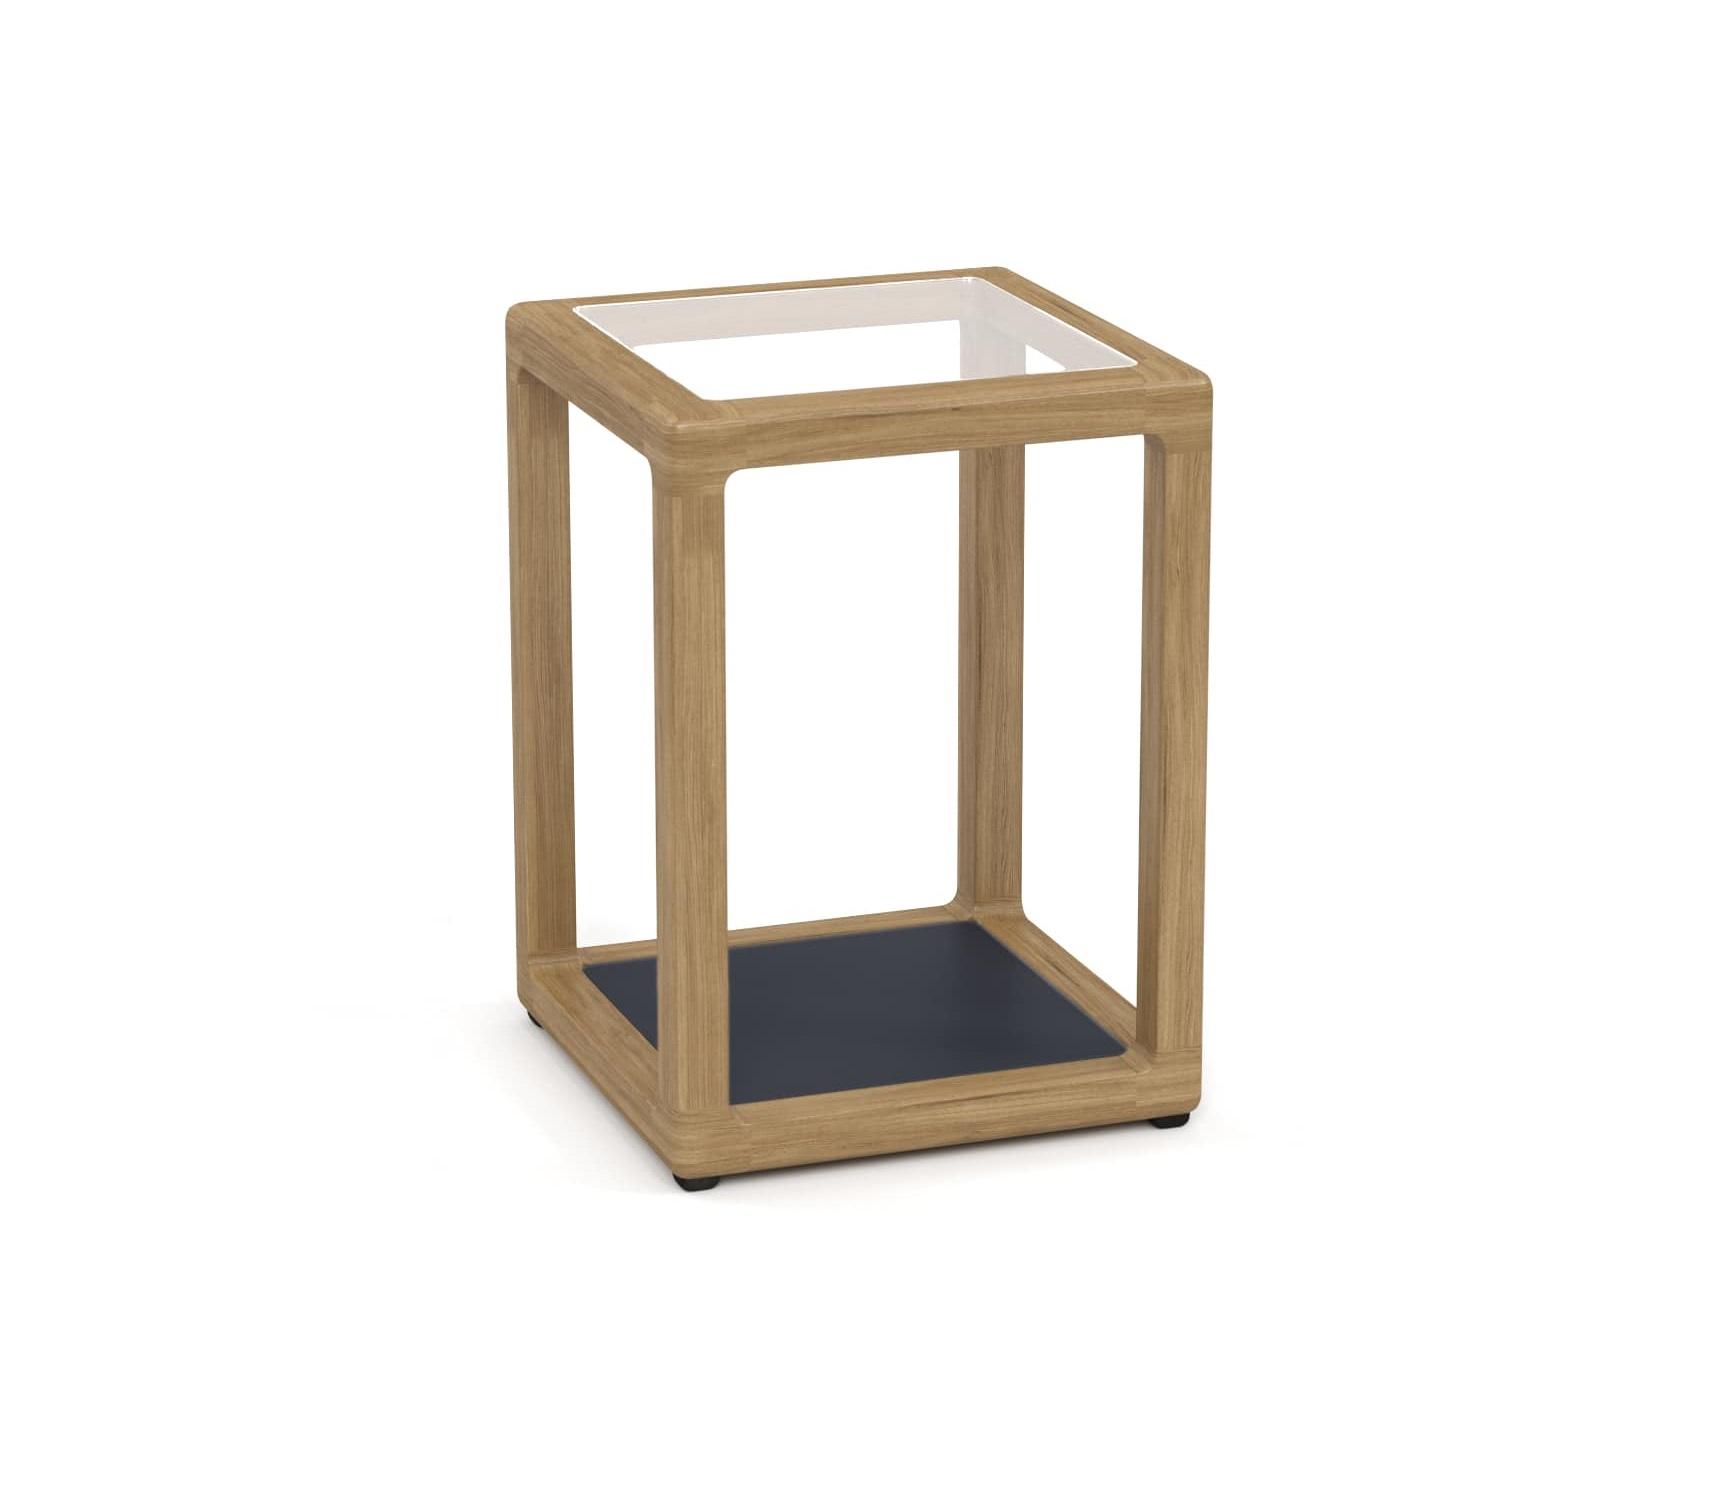 Столик придиванный SeagullСтолы и столики для сада<br>&amp;lt;div&amp;gt;Коллекция SEAGULL – воплощение природной простоты и естественного совершенства. Мебель привлекает тёплыми тонами, уникальностью материала и идеальными пропорциями. Стеклянные столешницы обеденных и журнальных столов по цвету гармонируют с тканью подушек, удобные диваны и «утопающие» кресла дарят ощущения спокойствия и комфорта.&amp;amp;nbsp;&amp;amp;nbsp;&amp;lt;/div&amp;gt;&amp;lt;div&amp;gt;&amp;lt;br&amp;gt;&amp;lt;/div&amp;gt;&amp;lt;div&amp;gt;Ироко – экзотическая золотисто-коричневатая/оливково-коричневая древесина с золотистым оттенком. Цвет ироко практически не меняется со временем, немного темнеет и приобретает теплый маслянистый оттенок. По физическим свойствам не уступает тику. Древесина африканского тика не подвержена гниению и воздействию термитов, не требует дополнительной антибактериальной обработки. Мебель из ироко допускает круглогодичную эксплуатацию на открытом воздухе, выдерживает перепады температур от –30 до +30С. Срок службы более 20 лет.&amp;amp;nbsp;&amp;lt;/div&amp;gt;&amp;lt;div&amp;gt;&amp;lt;br&amp;gt;&amp;lt;/div&amp;gt;&amp;lt;div&amp;gt;Вся фурнитура изготовлена из нержавеющей стали на собственном производстве.&amp;lt;/div&amp;gt;&amp;lt;div&amp;gt;&amp;lt;br&amp;gt;&amp;lt;/div&amp;gt;<br><br>&amp;lt;iframe width=&amp;quot;530&amp;quot; height=&amp;quot;300&amp;quot; src=&amp;quot;https://www.youtube.com/embed/uL9Kujh07kc&amp;quot; frameborder=&amp;quot;0&amp;quot; allowfullscreen=&amp;quot;&amp;quot;&amp;gt;&amp;lt;/iframe&amp;gt;<br><br>Material: Ироко<br>Ширина см: 40.0<br>Глубина см: 40.0